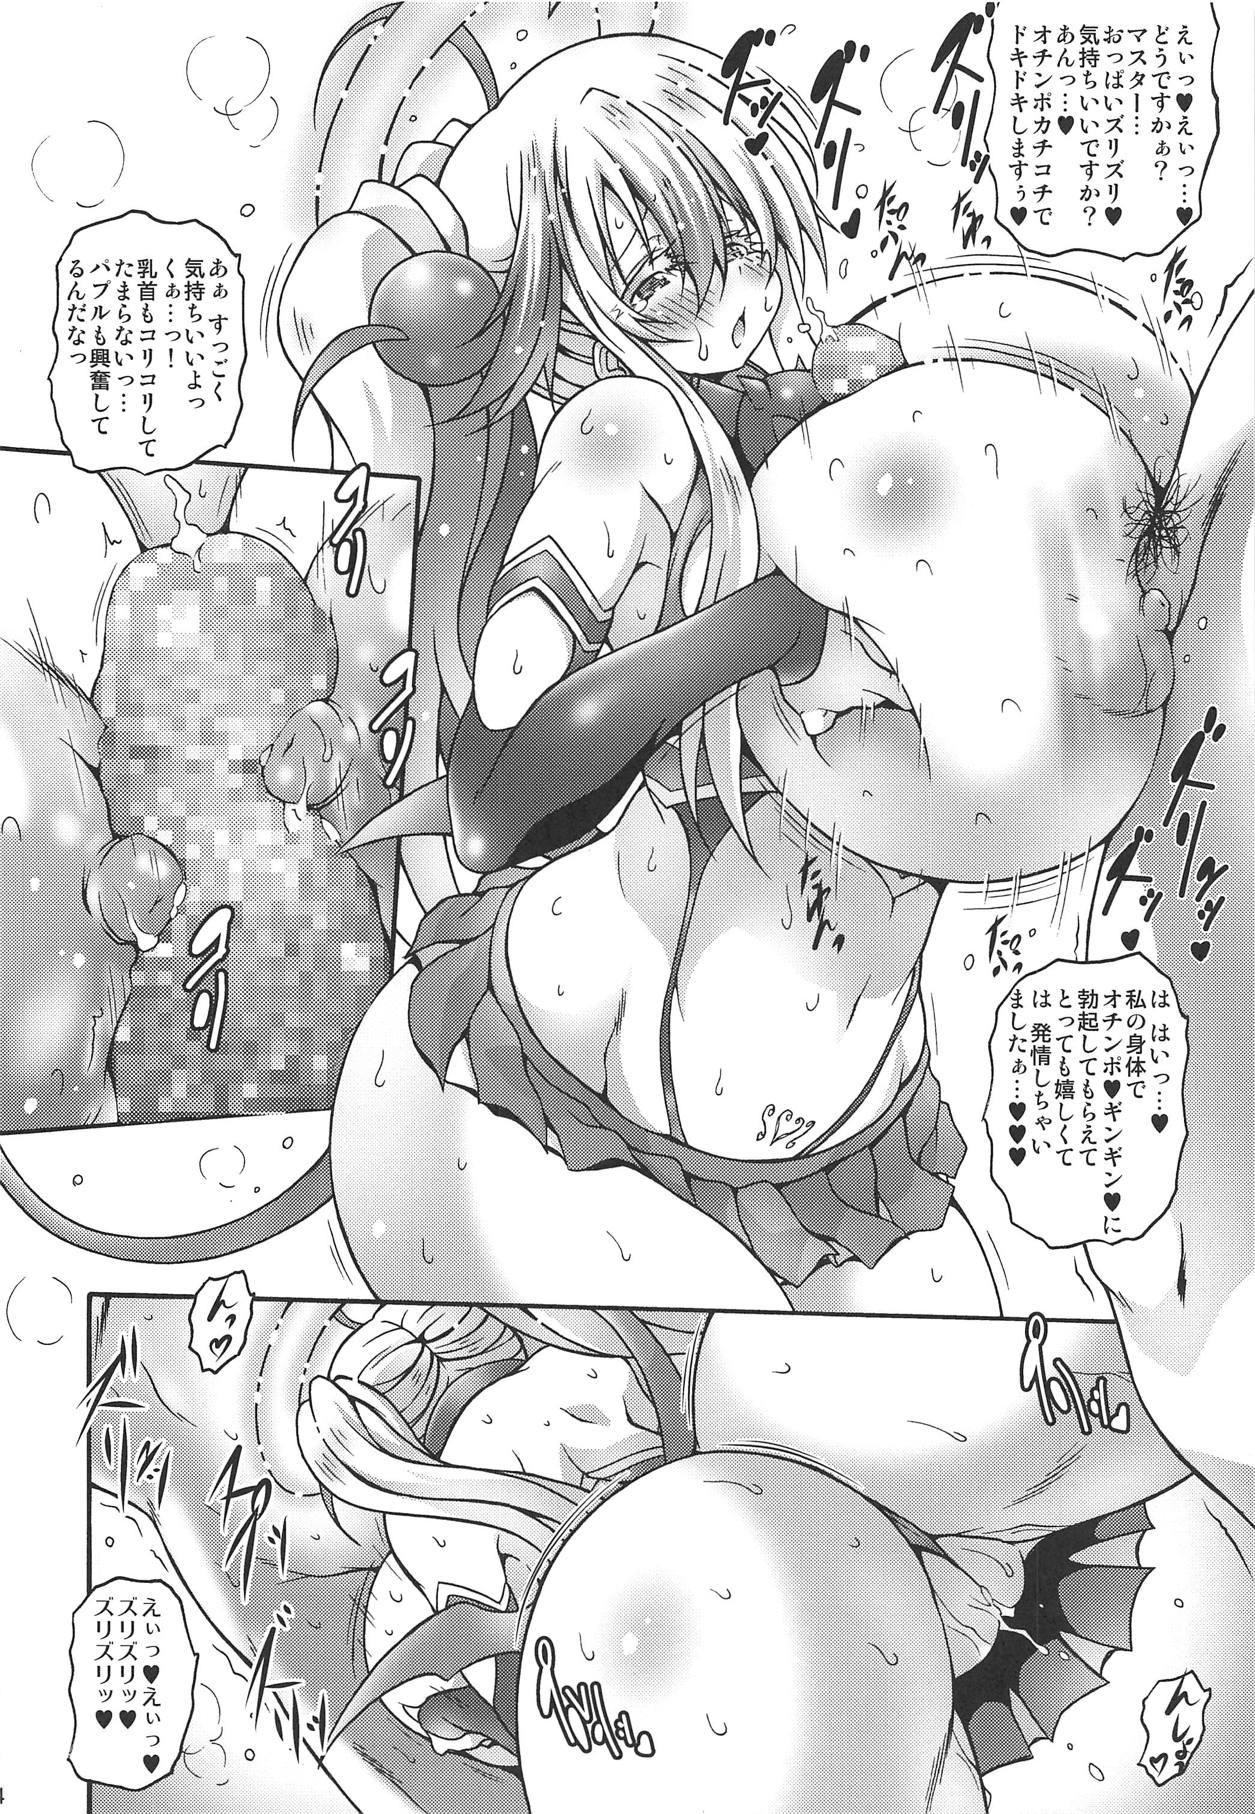 【エロ同人誌】(COMIC1☆15)むっちむちないやらし過ぎる身体付きのせいでおっぱいほぼ丸見えなチアガールコスプレをさせられてしまったパプル...デカパイとデカ尻をたっぷりいじめられながら変態プレイ満載セックスでイかされまくりwww【大庭新:このメス天使めっスケベな身体で責任とってもらうぞ 】